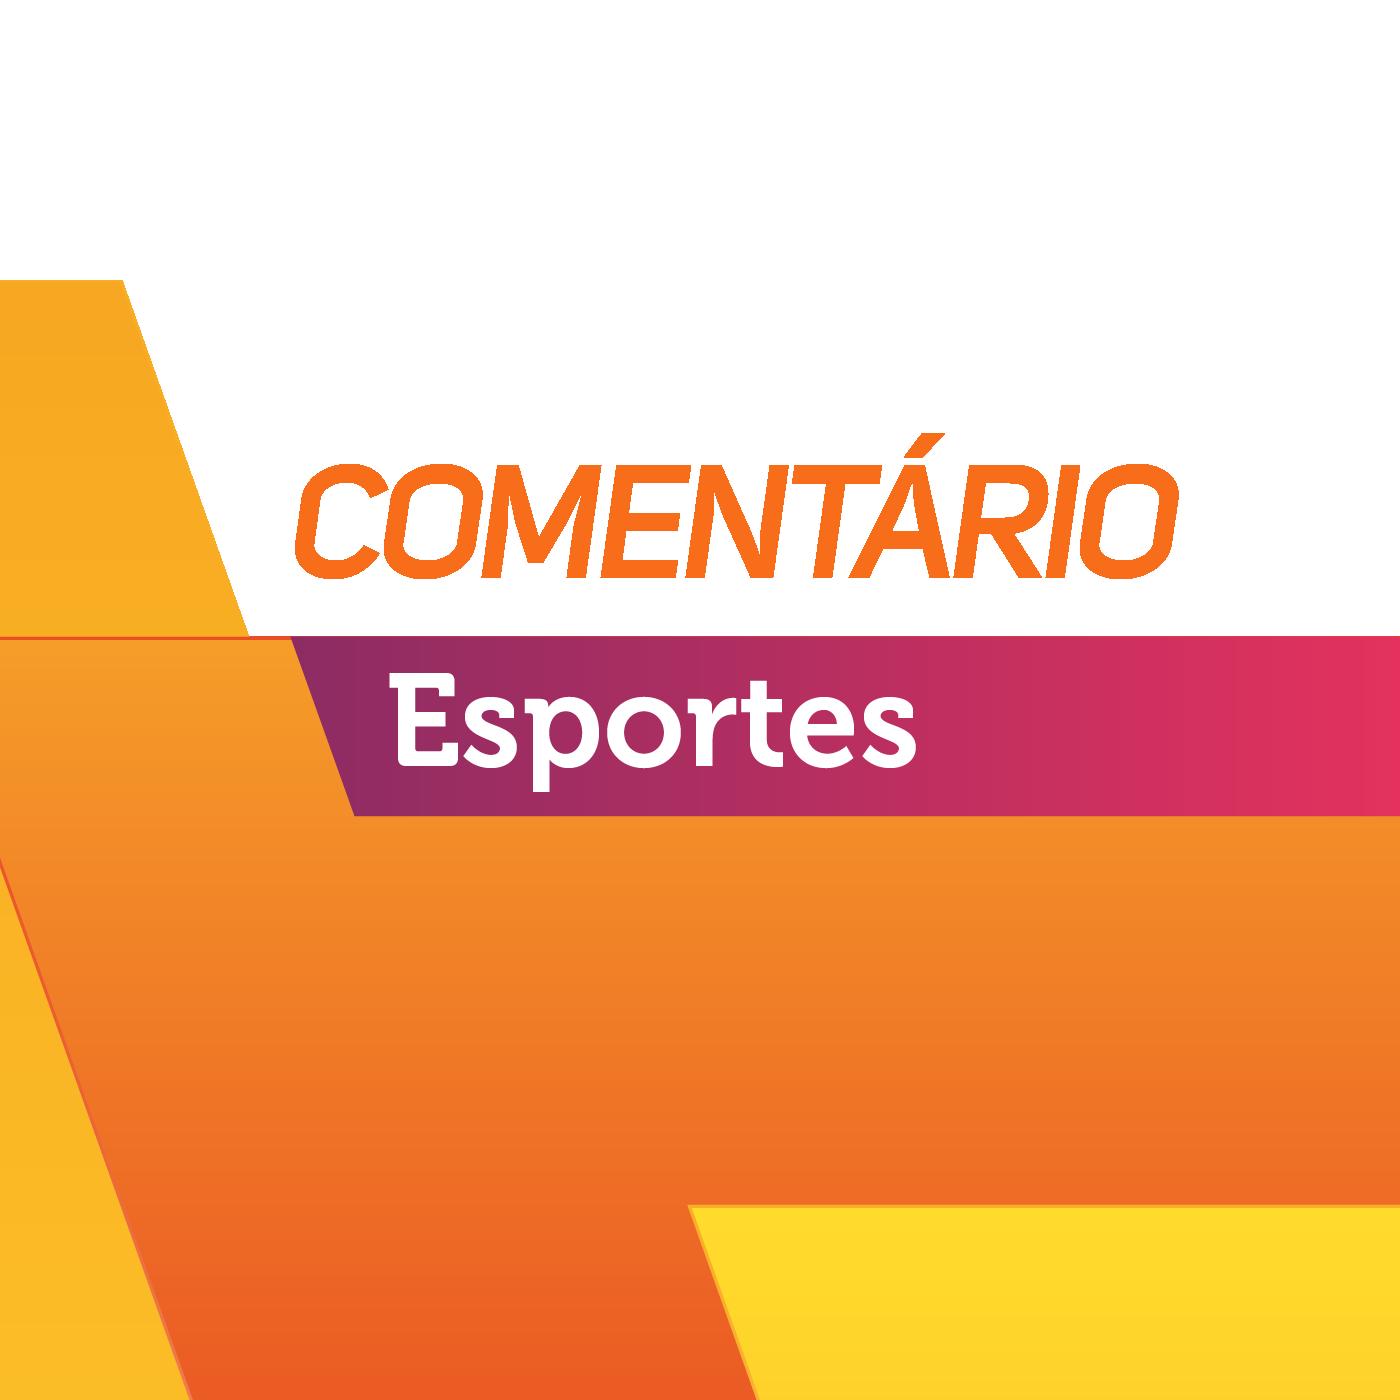 Cleber Grabauska comenta futebol no Gaúcha Repórter 26/06/2017